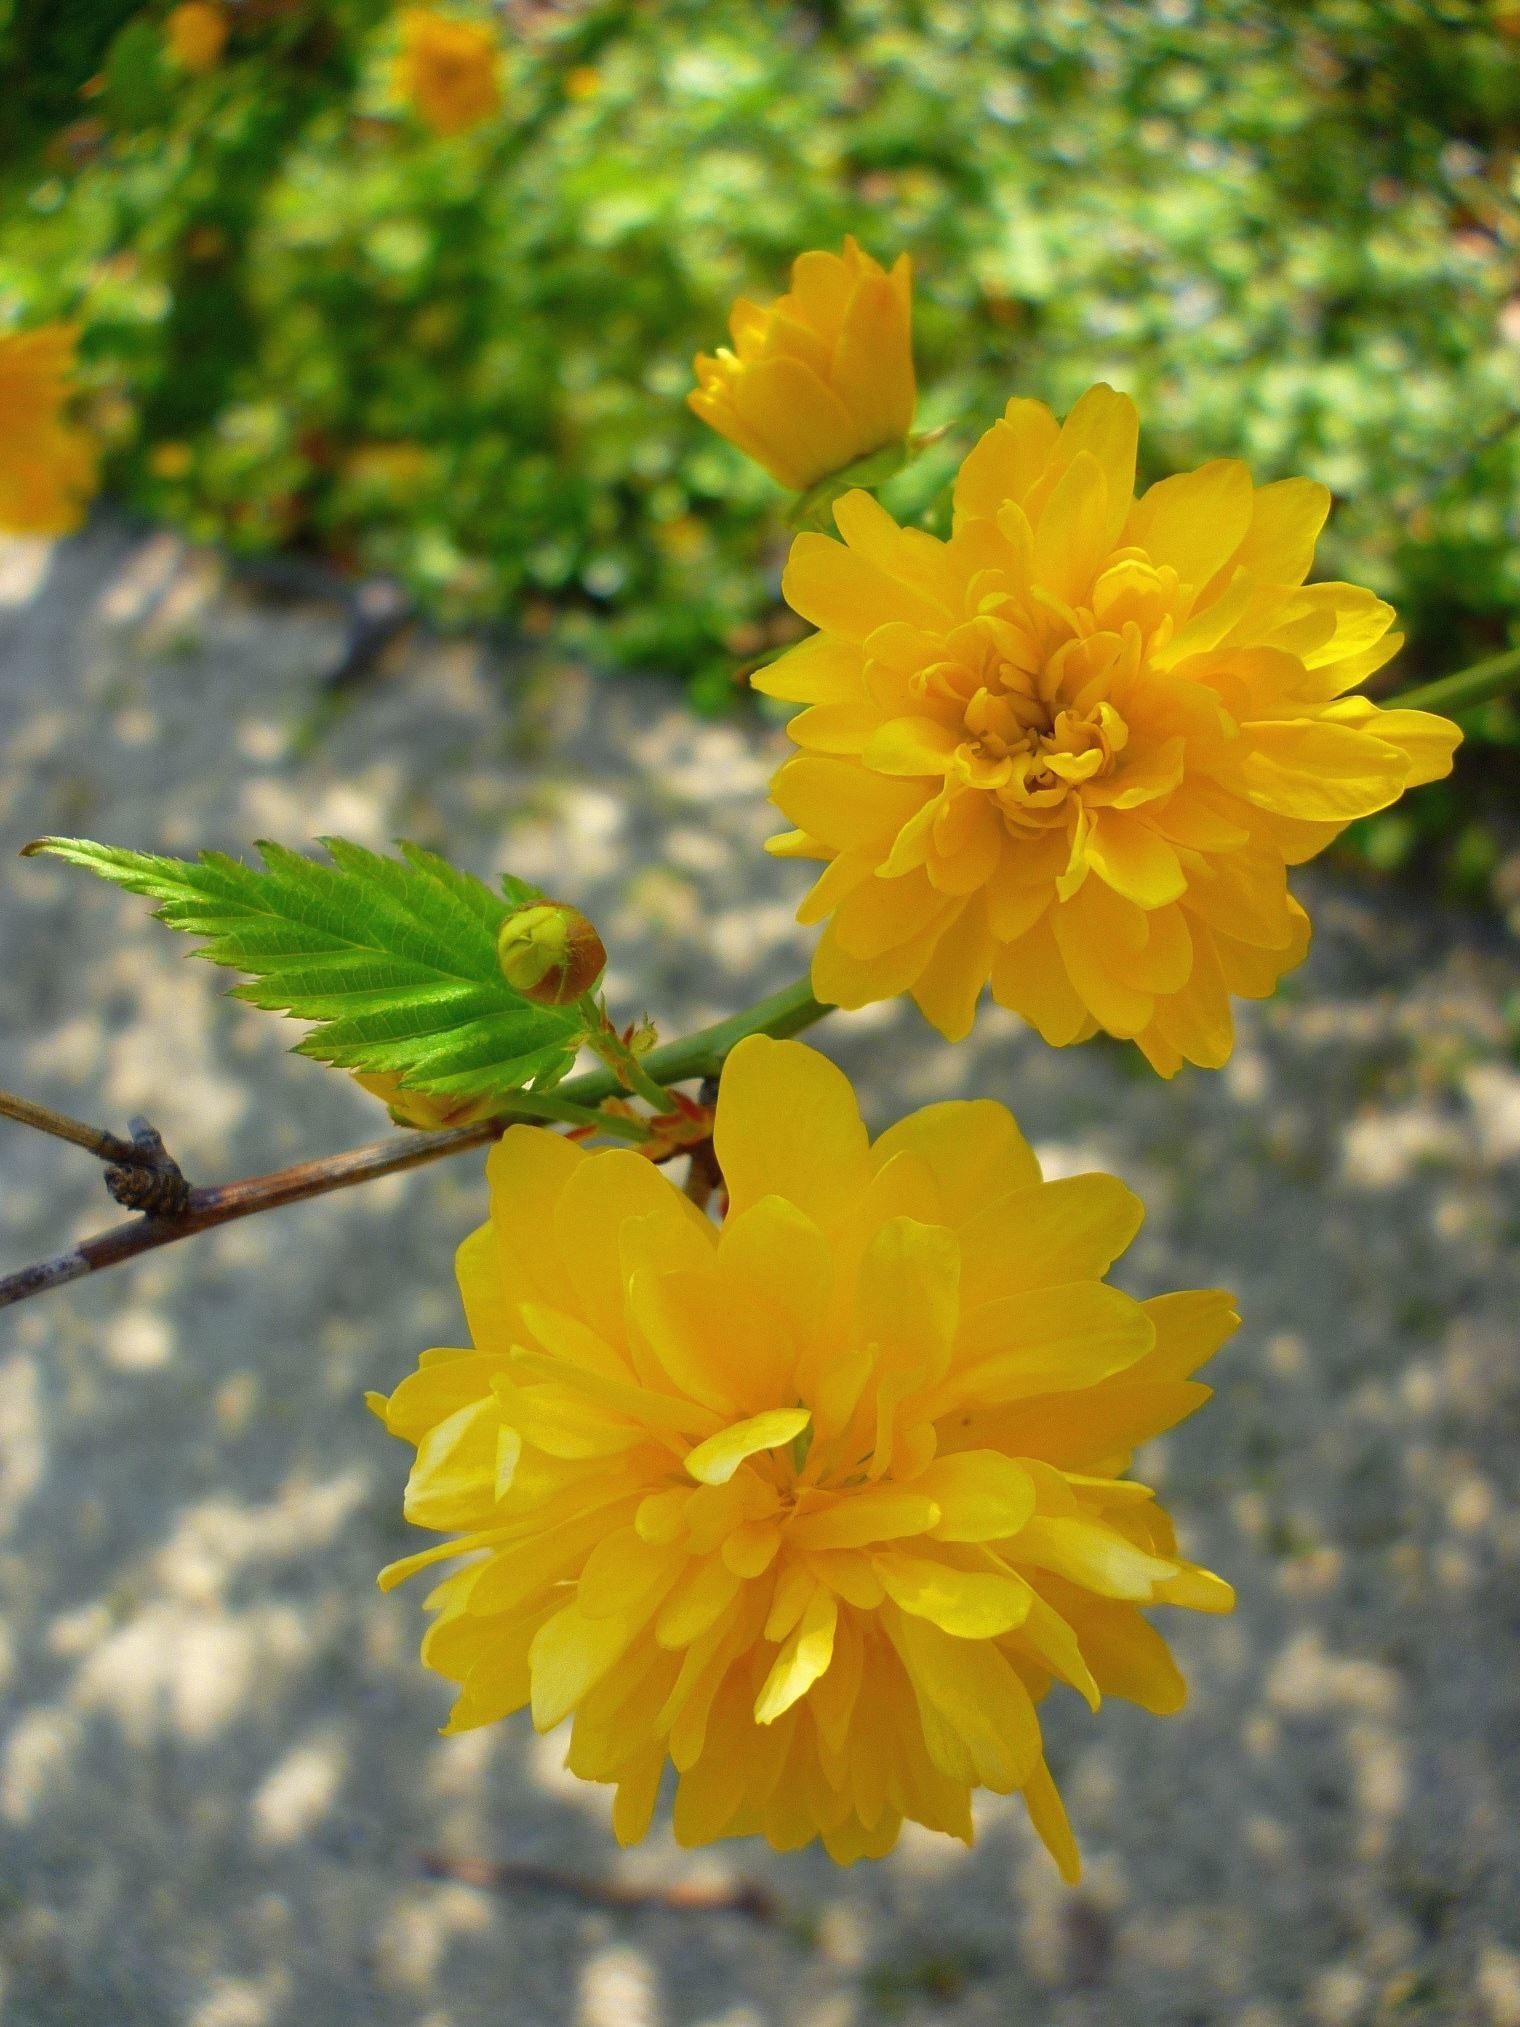 Kostenlose Bild: gelb, Blume, Blüte, Äste, Blätter, Rasen